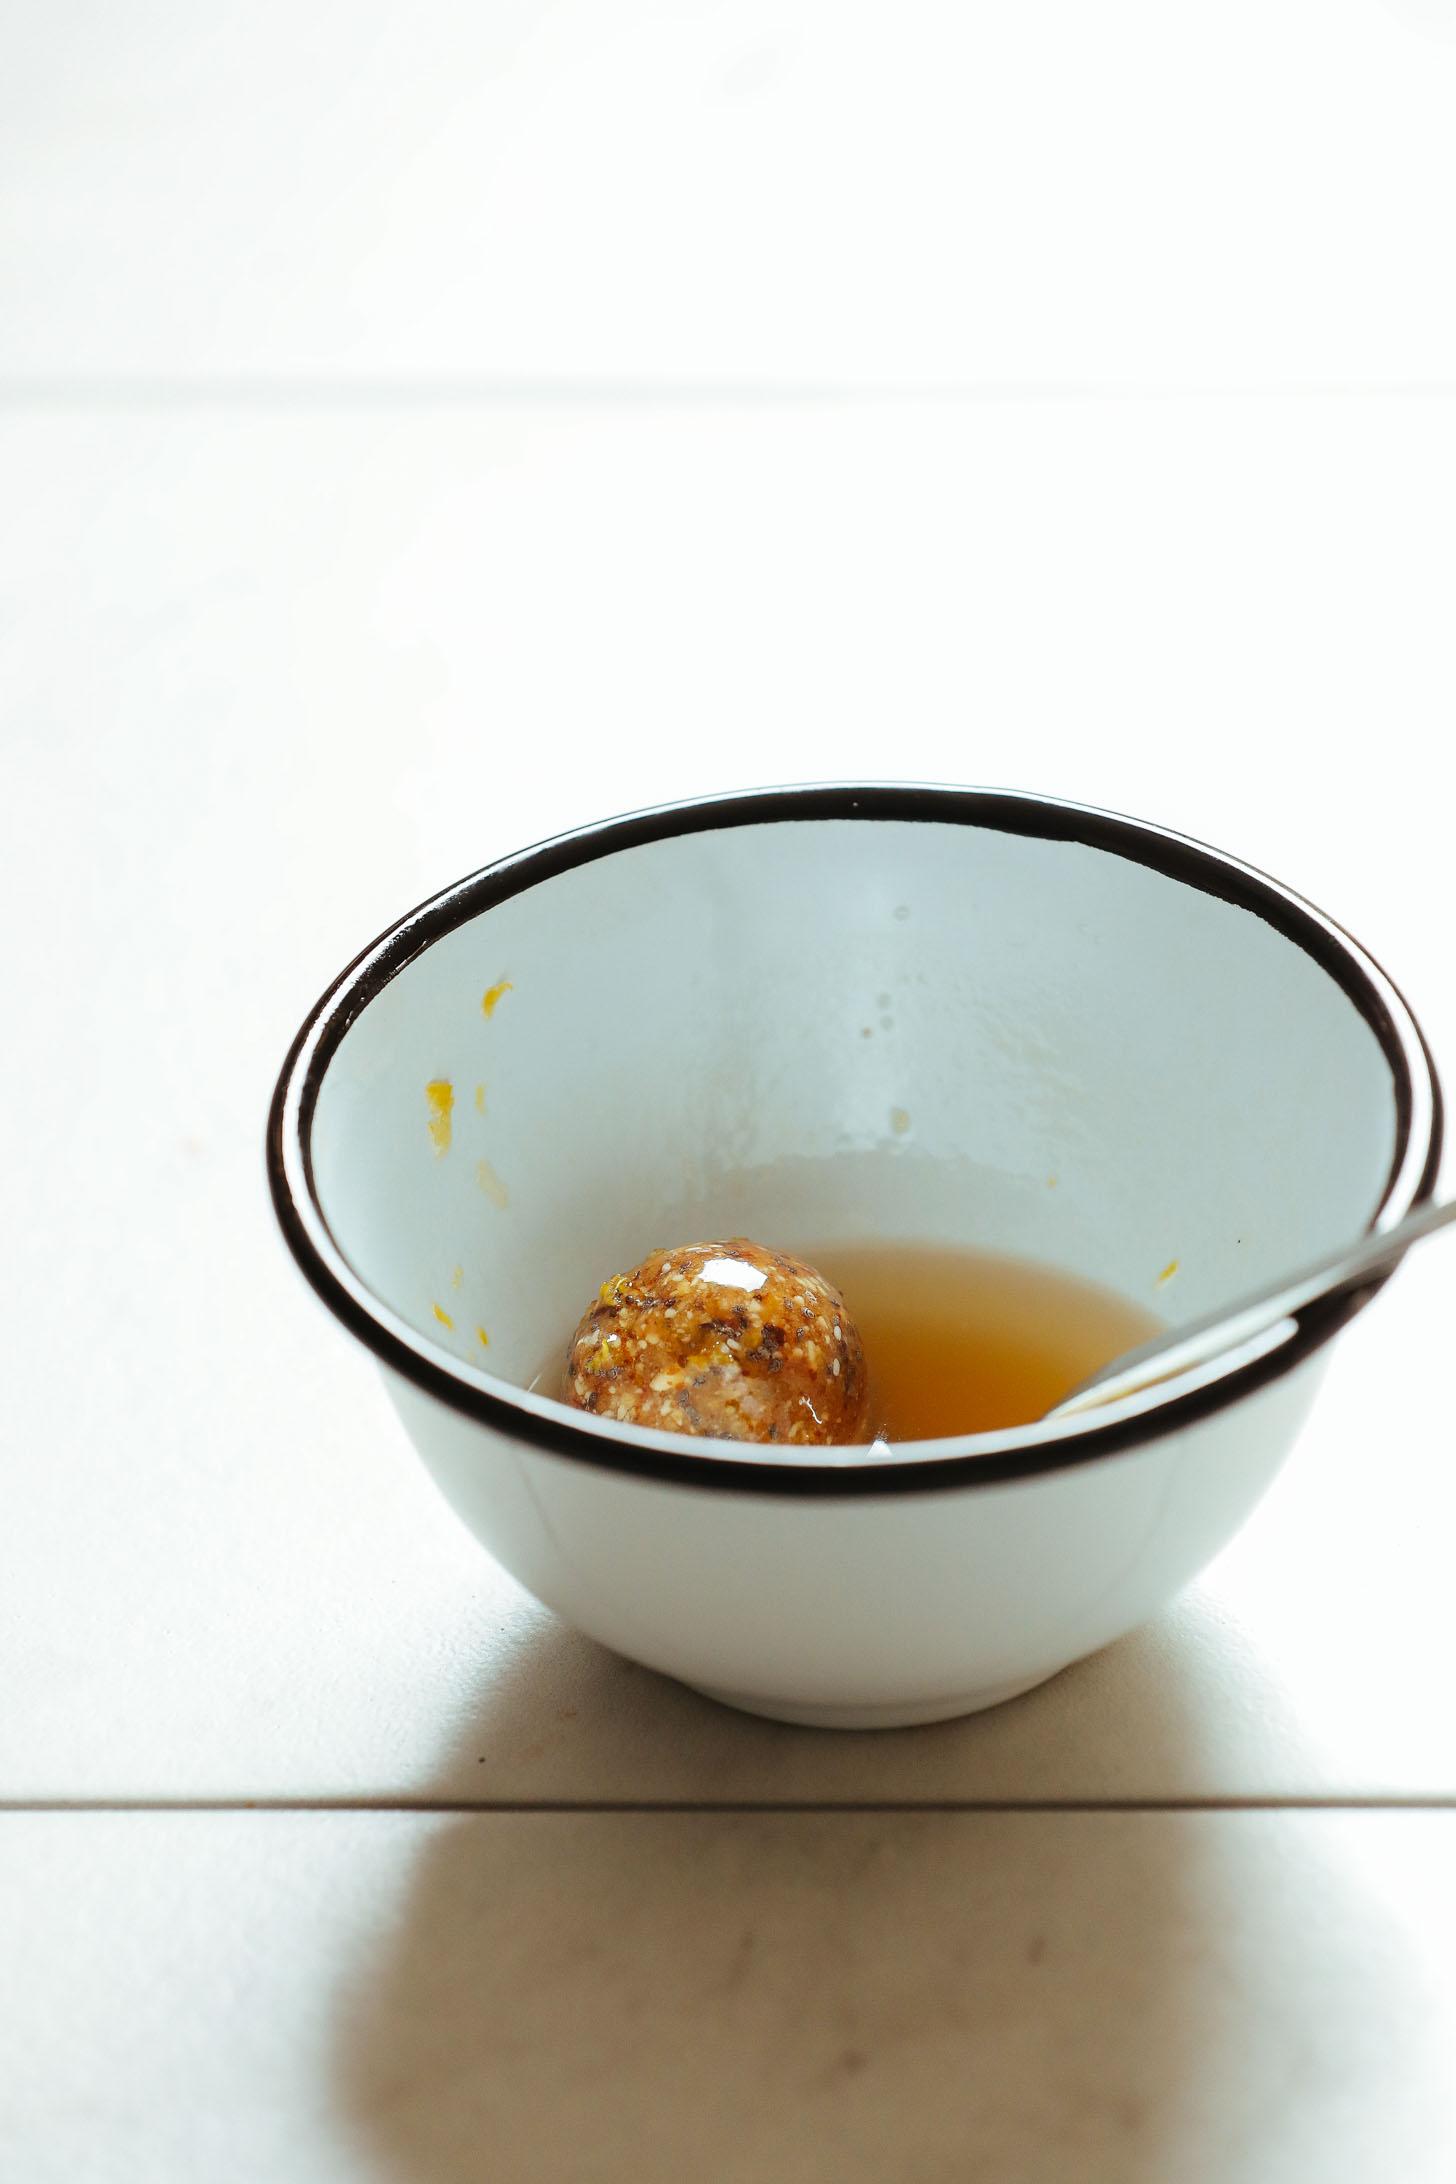 Coating a Vegan Lemon Poppy Seed Donut Hole with glaze